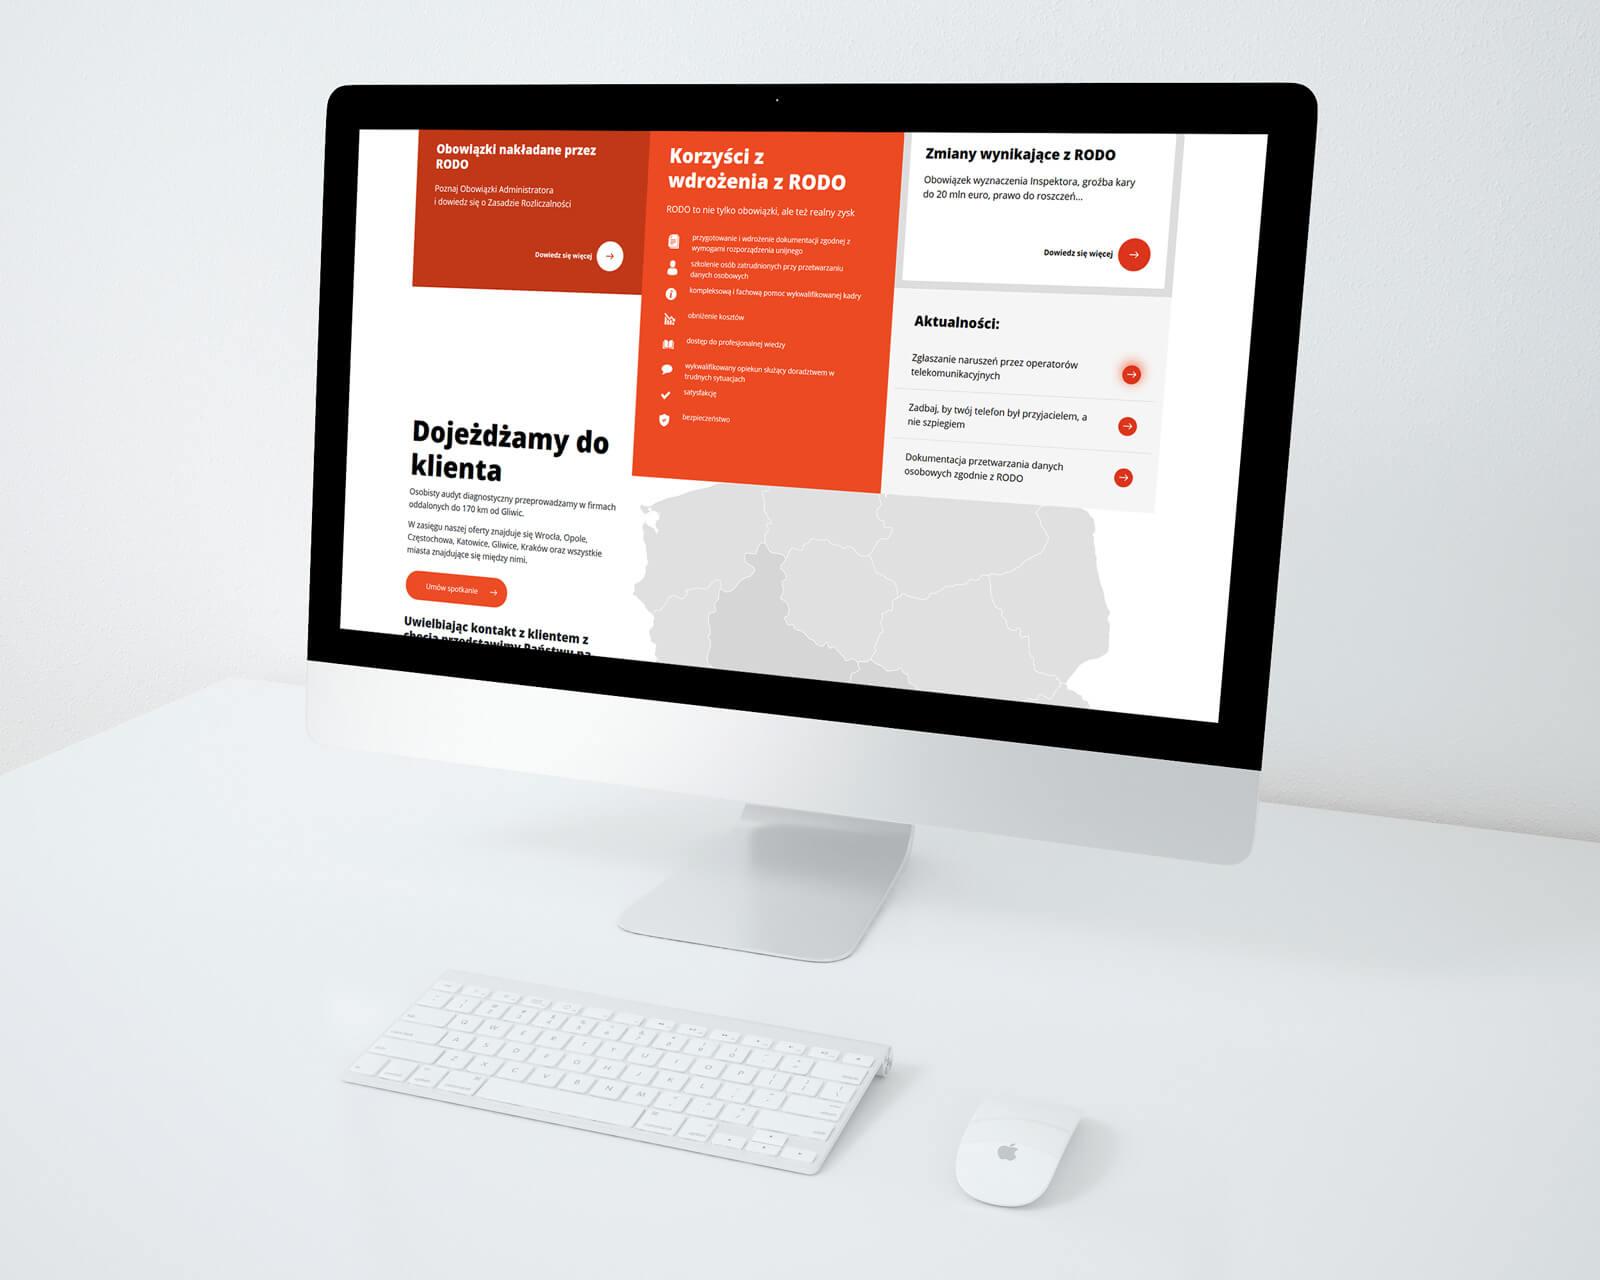 Projektowanie stron internetowych na przykładzie MBM, gliwickiej firmy zajmującej się bezpieczeństwem informacji. Lokalizacja: Gliwice, Śląsk.